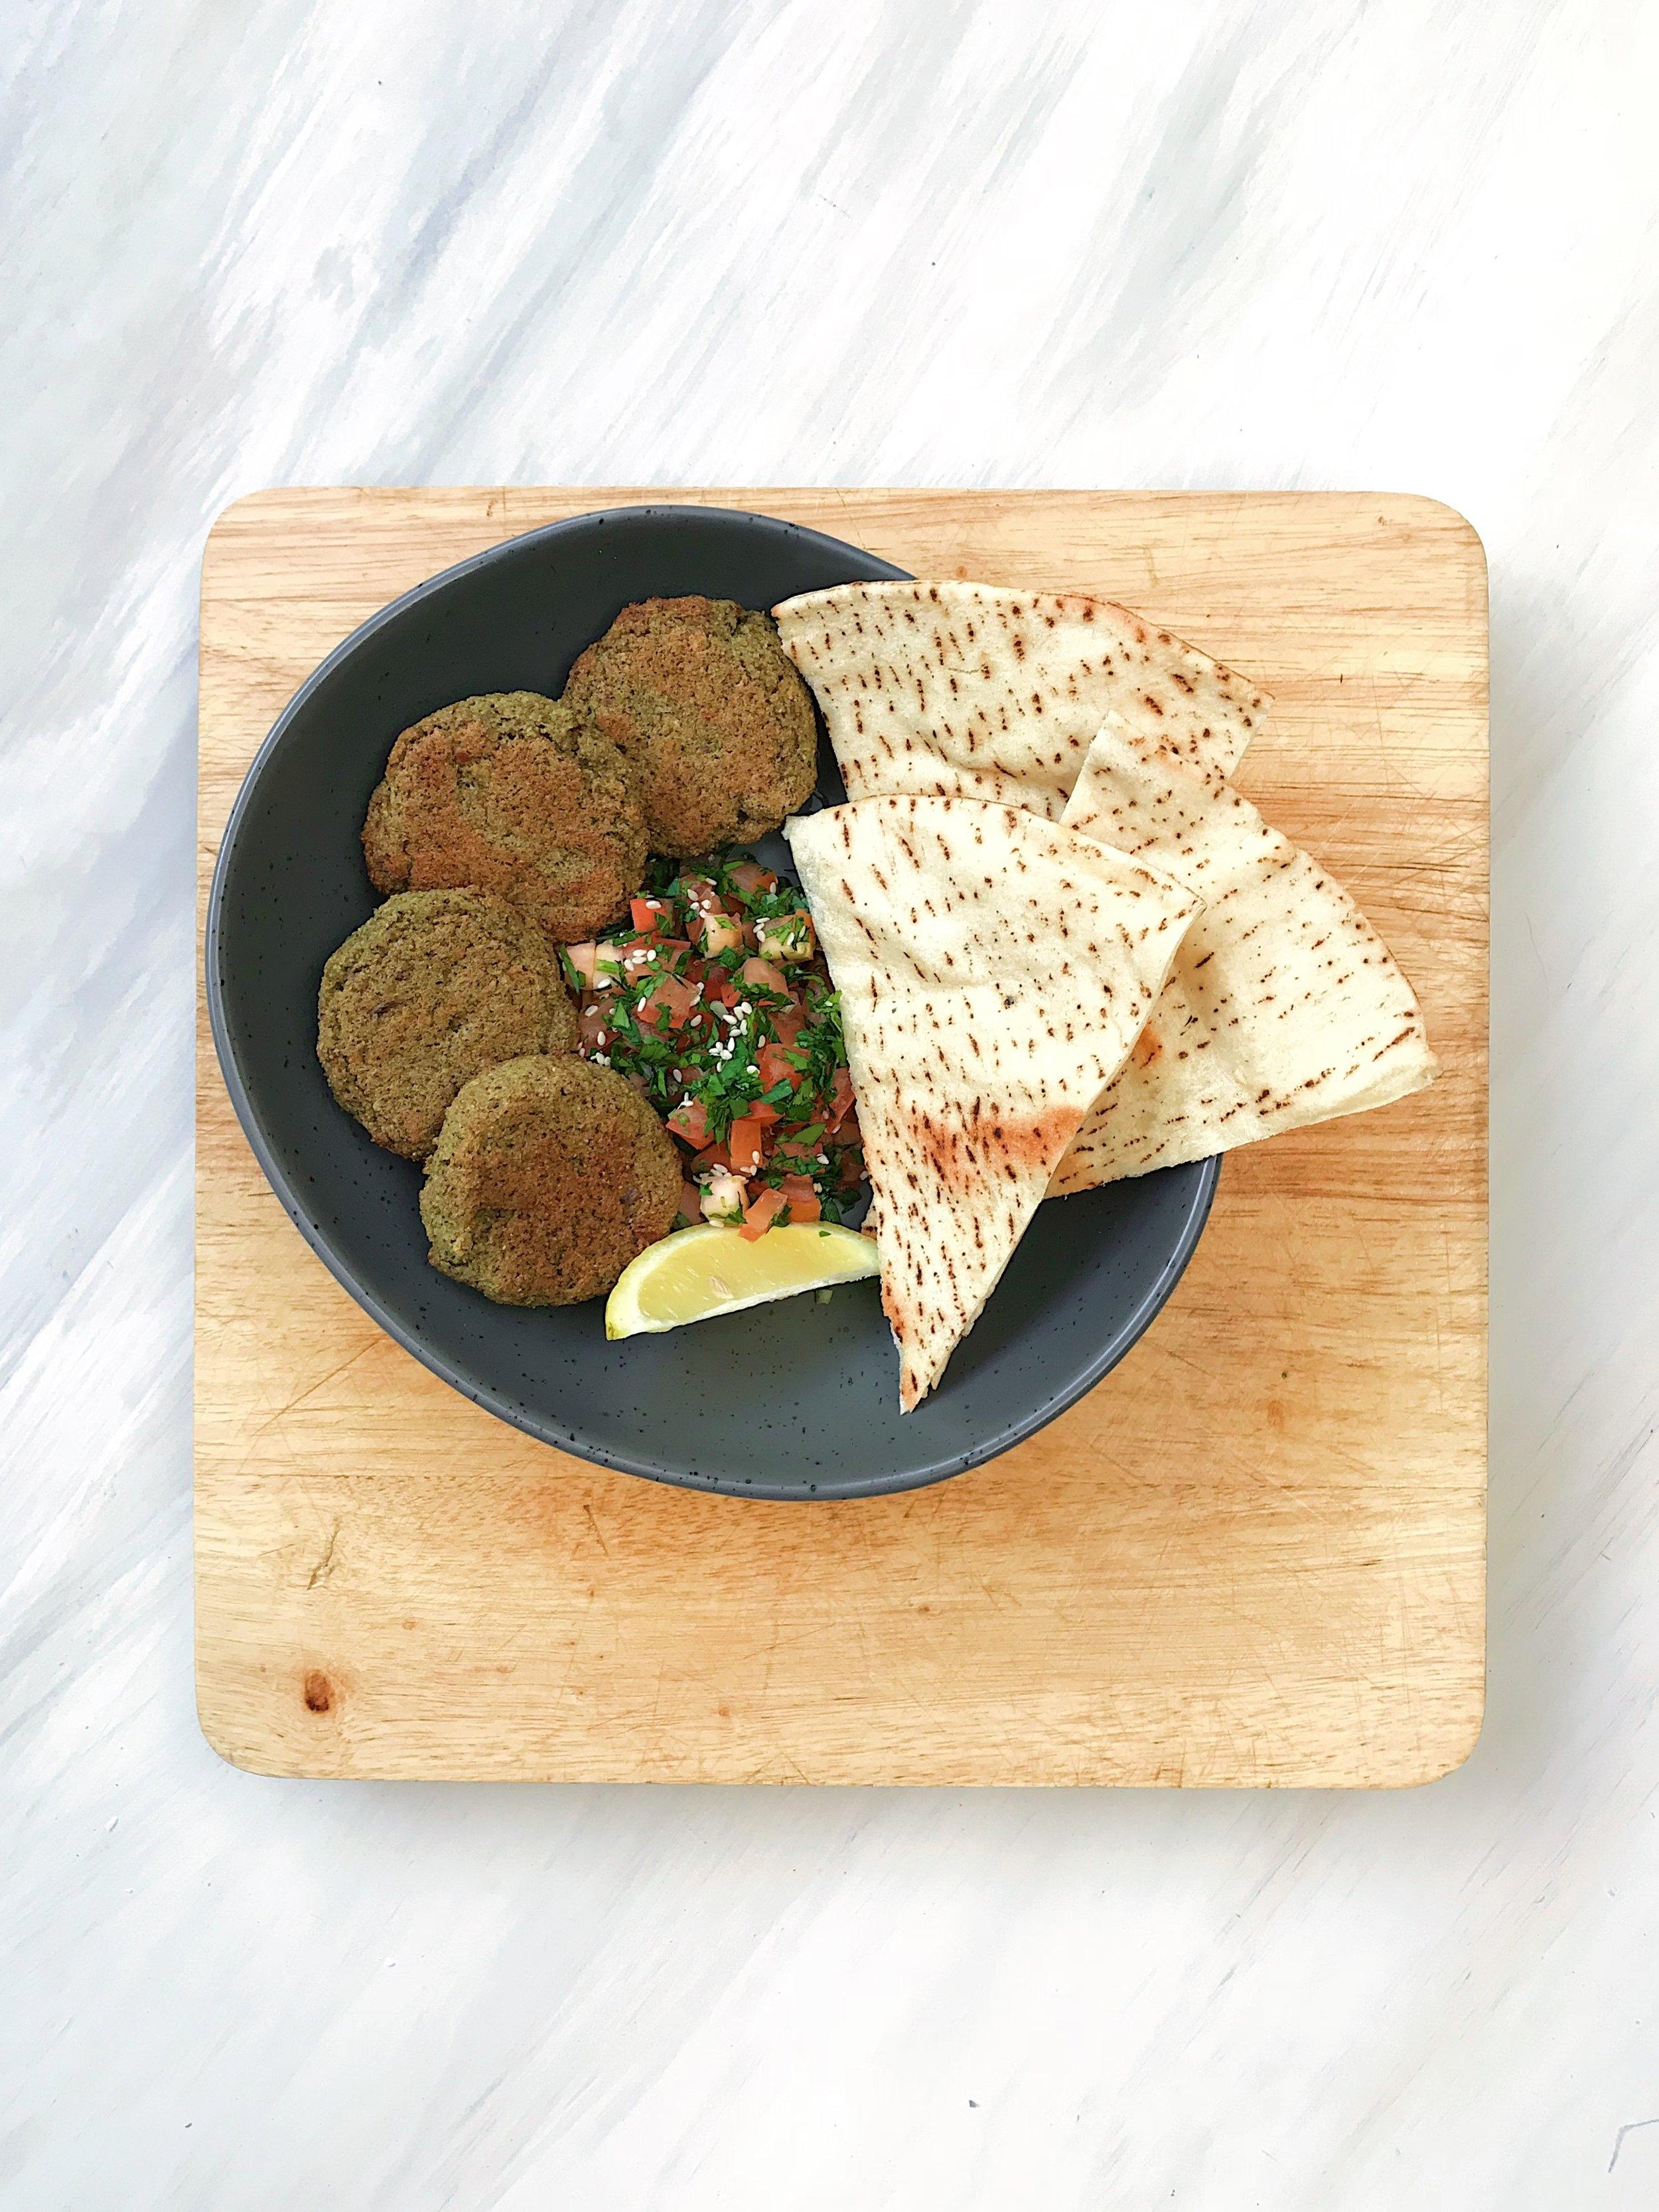 Vegan Teff Falafels by Outback Harvest